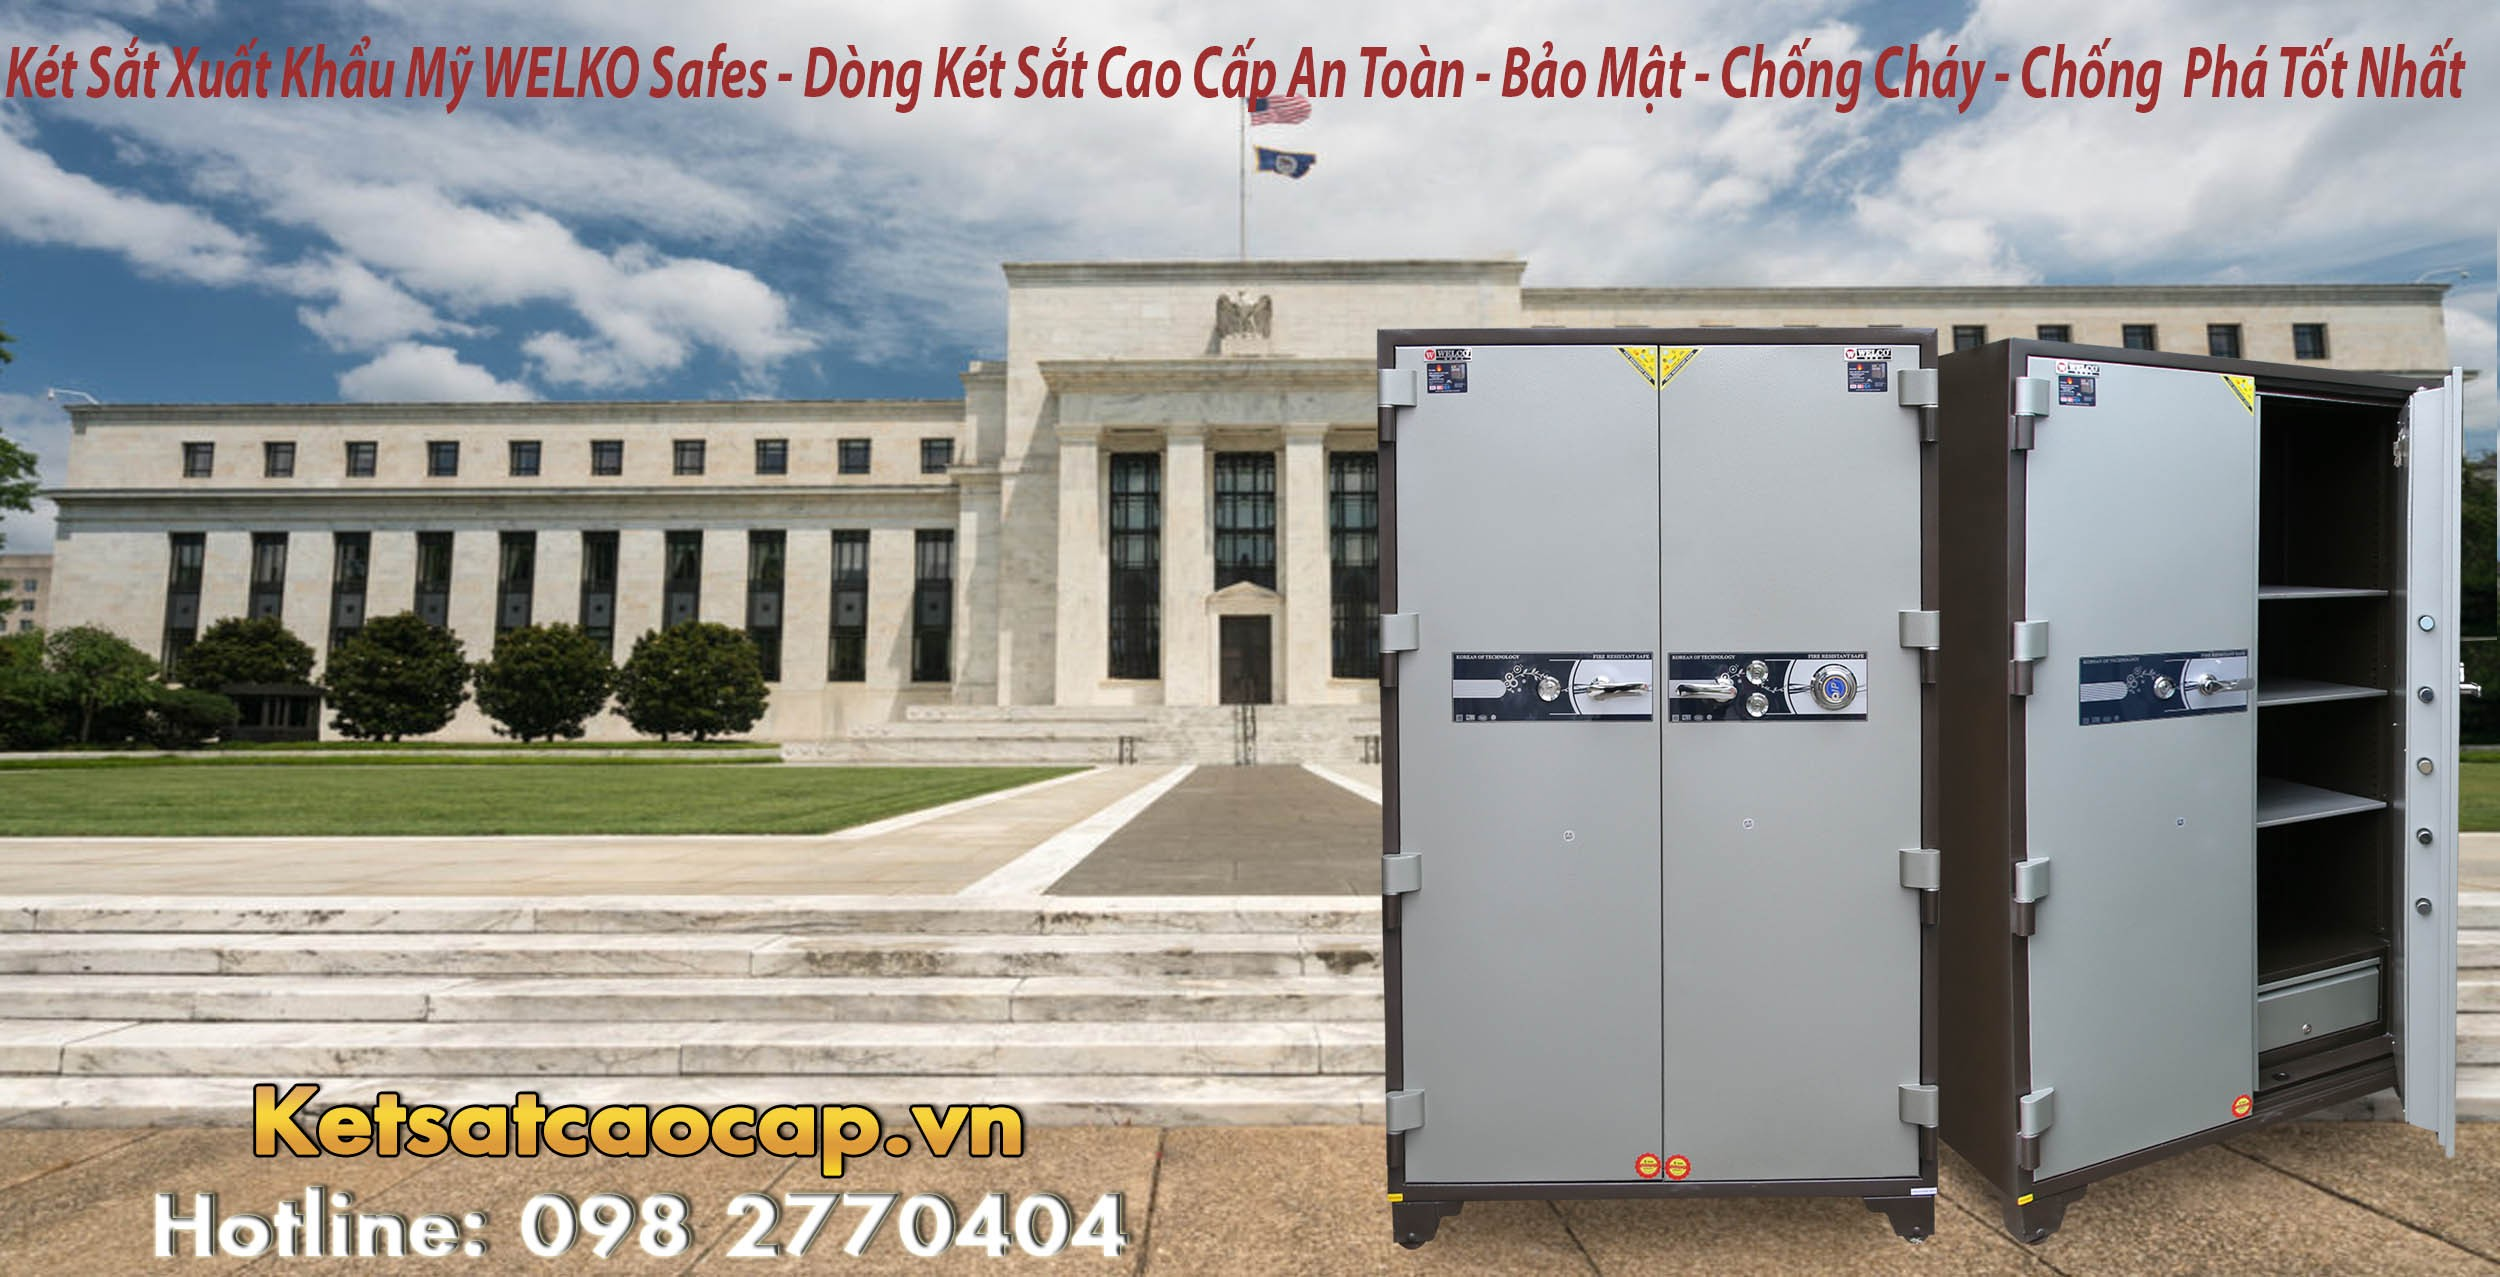 Nơi bán két sắt đựng hồ sơ